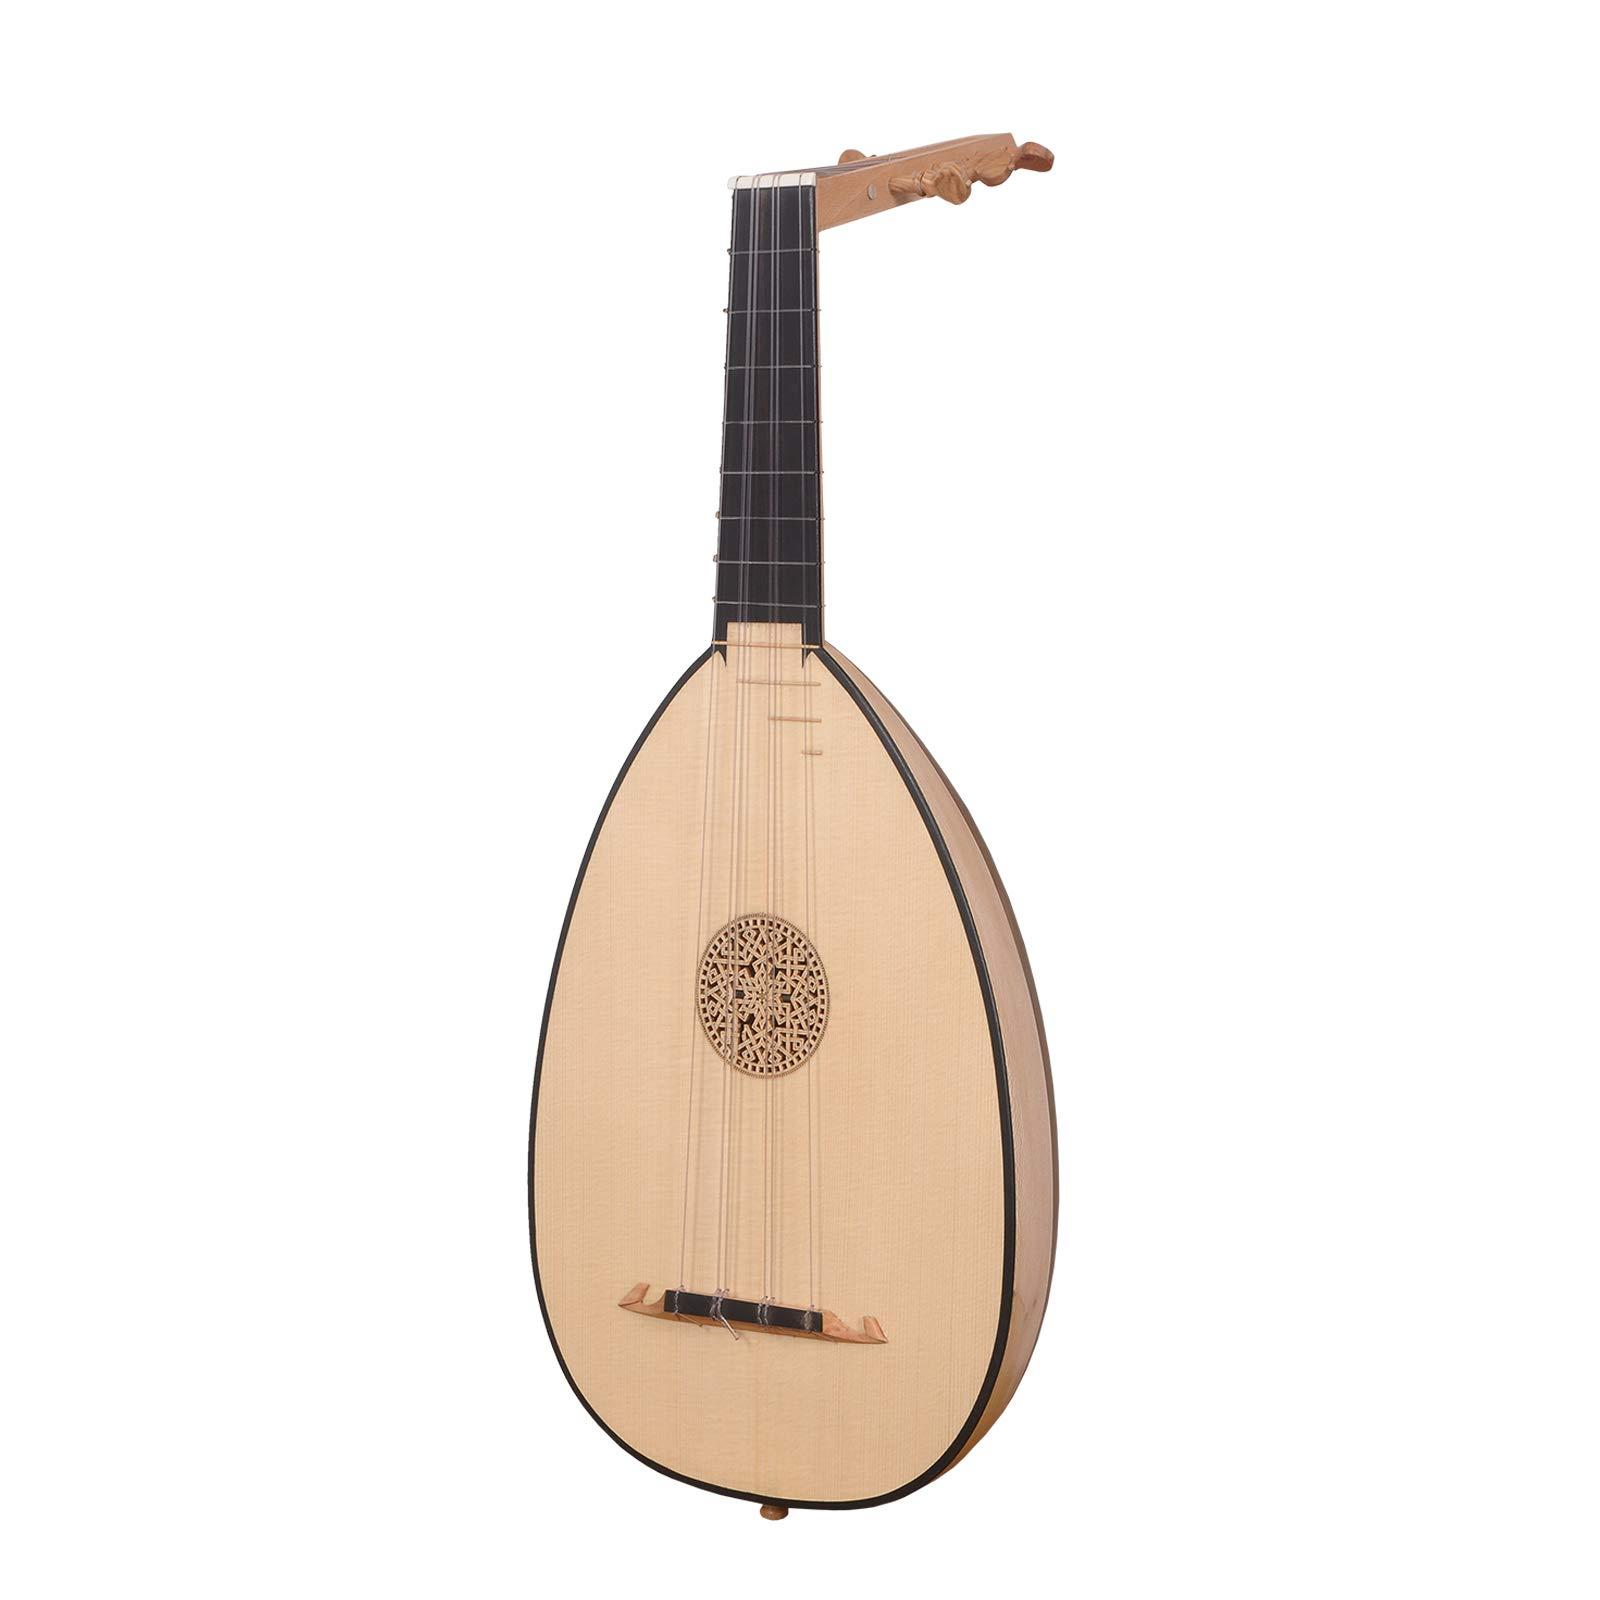 Ukelele Lute, 6 cuerdas tenor variegado madera de nogal: Amazon.es: Instrumentos musicales